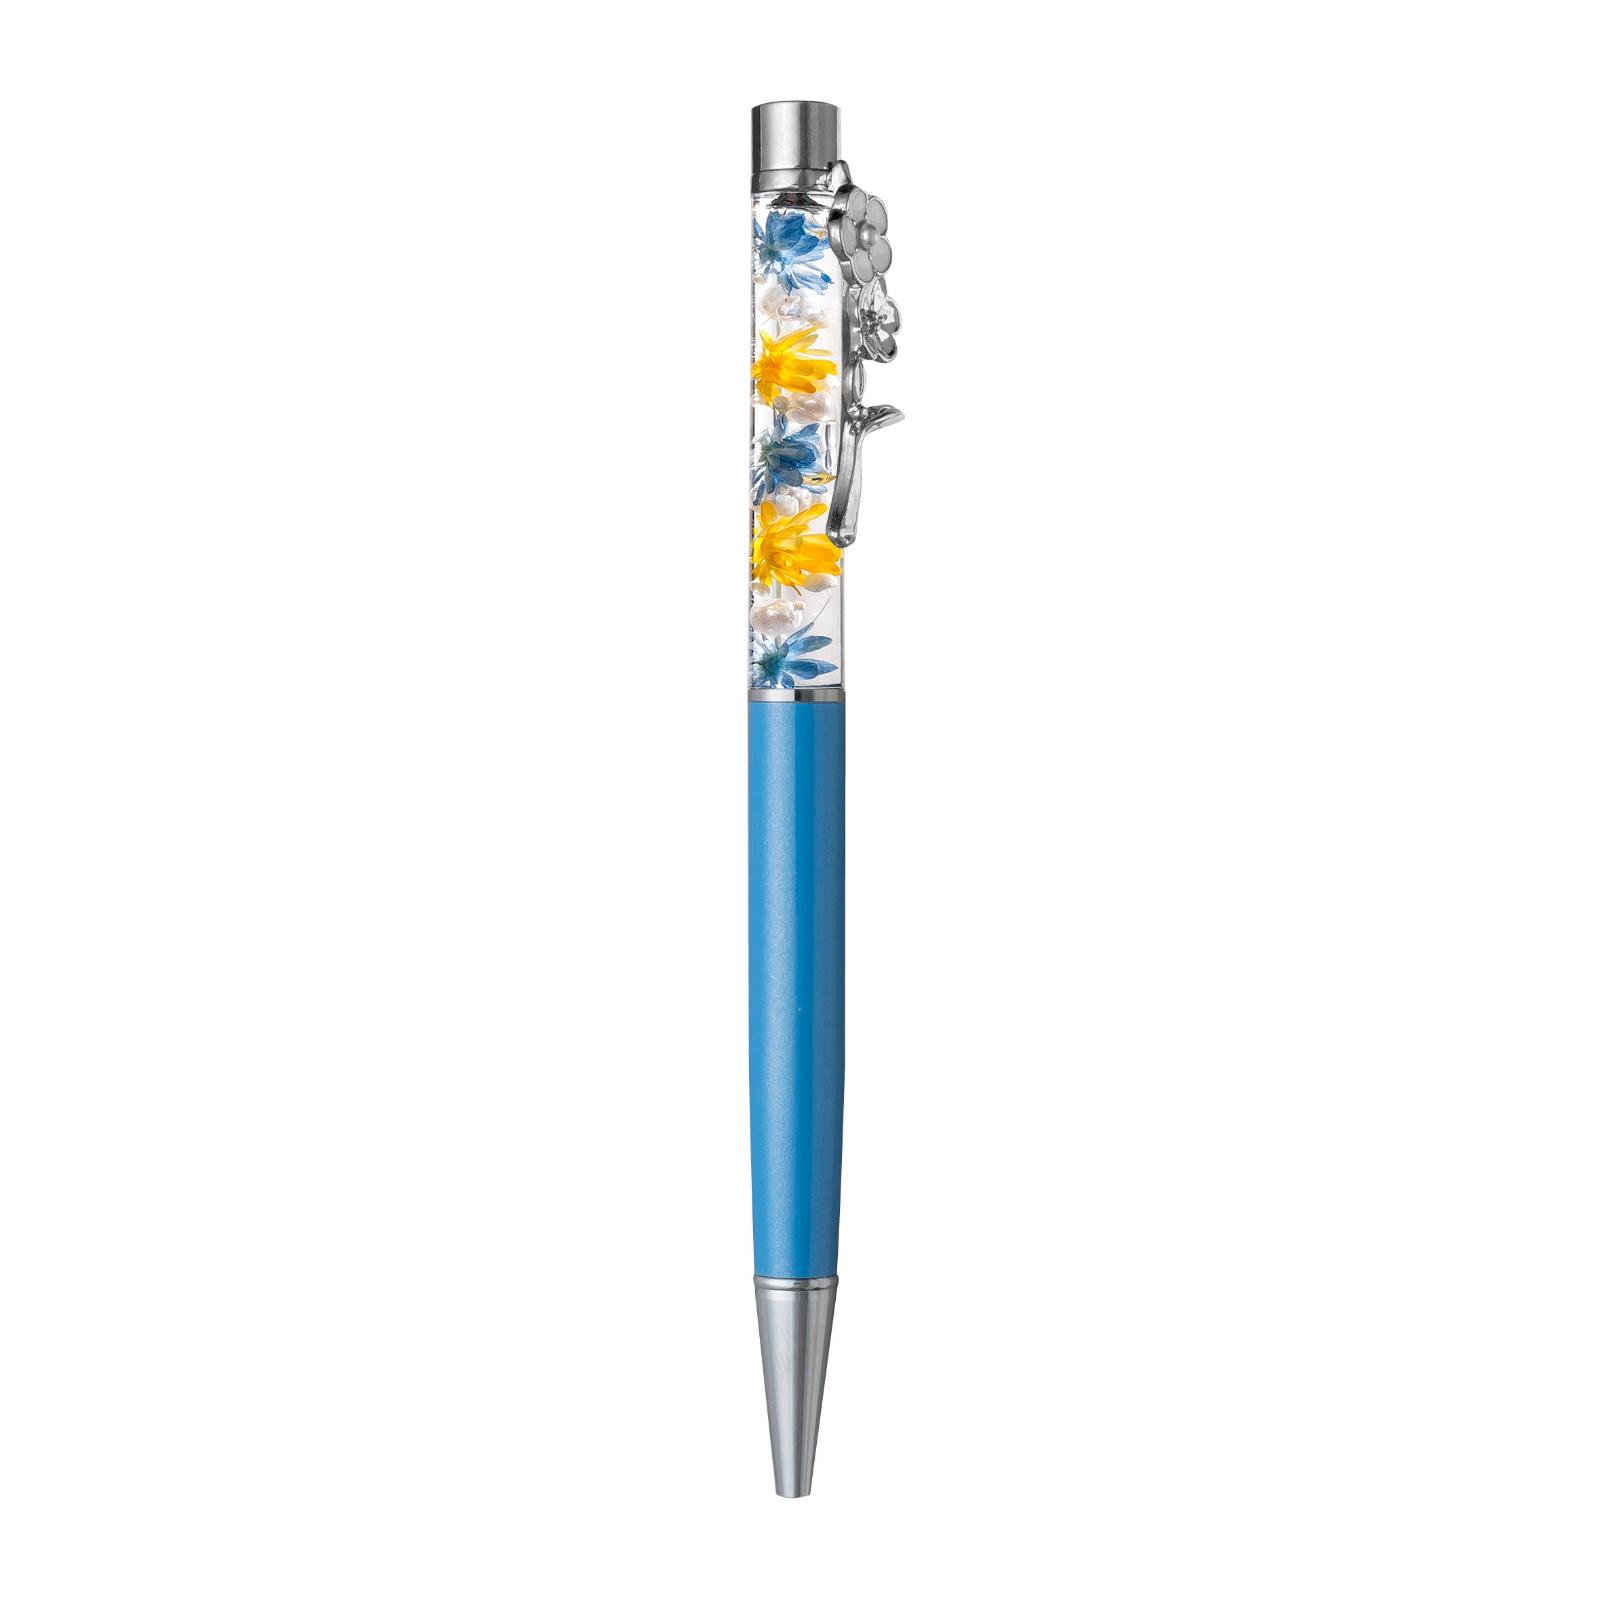 ハーバリウムアレンジ ボールペン  シャーロット シルバー シルバー/ブルー